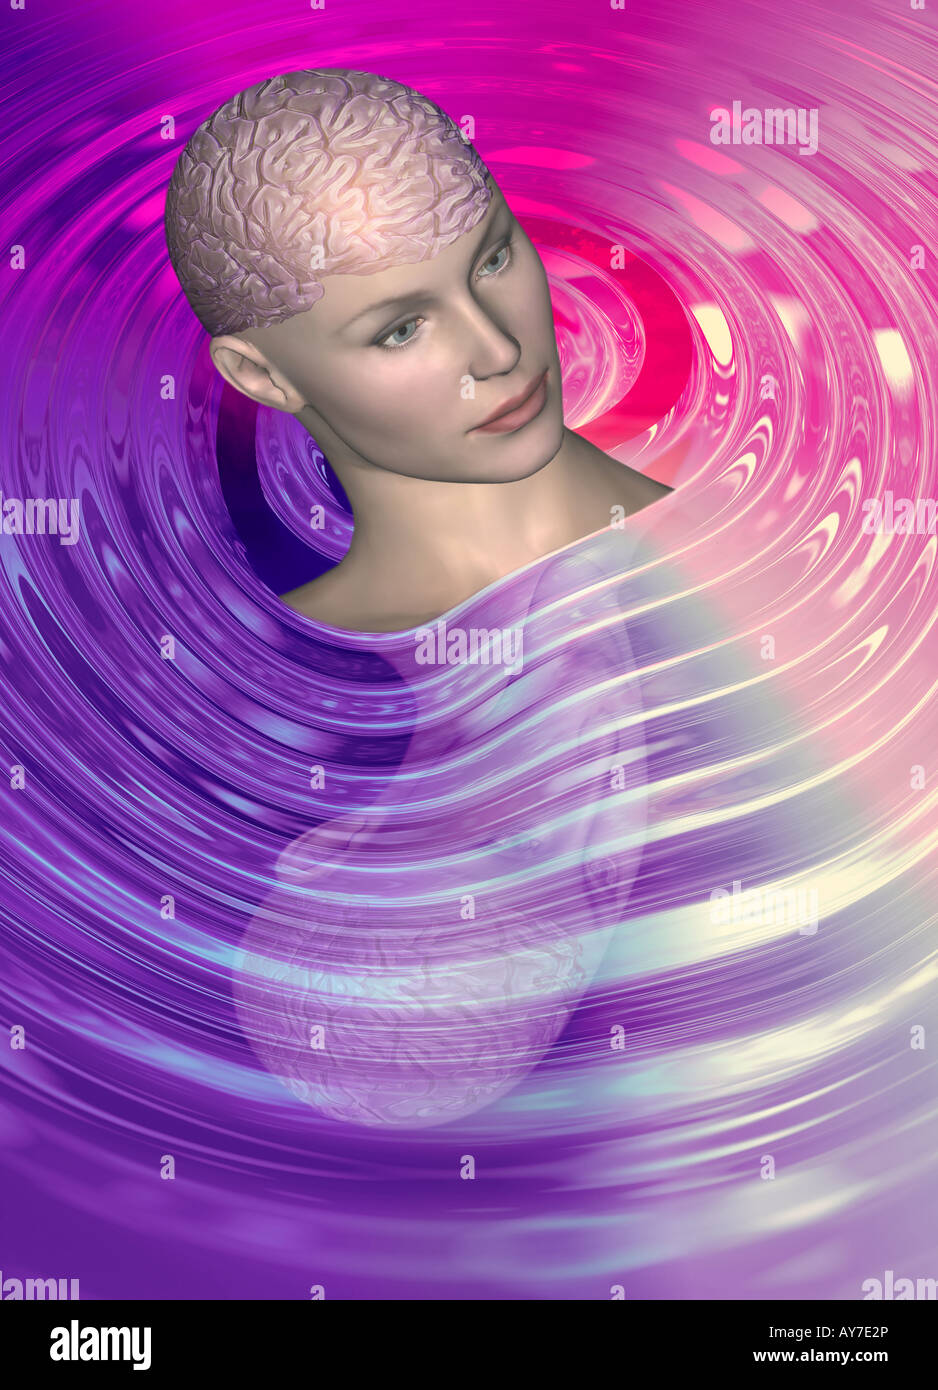 CGI-Klon Avatar Roboter Frauenkopf mit Gehirn zeigen, künstliche Intelligenz Stockfoto